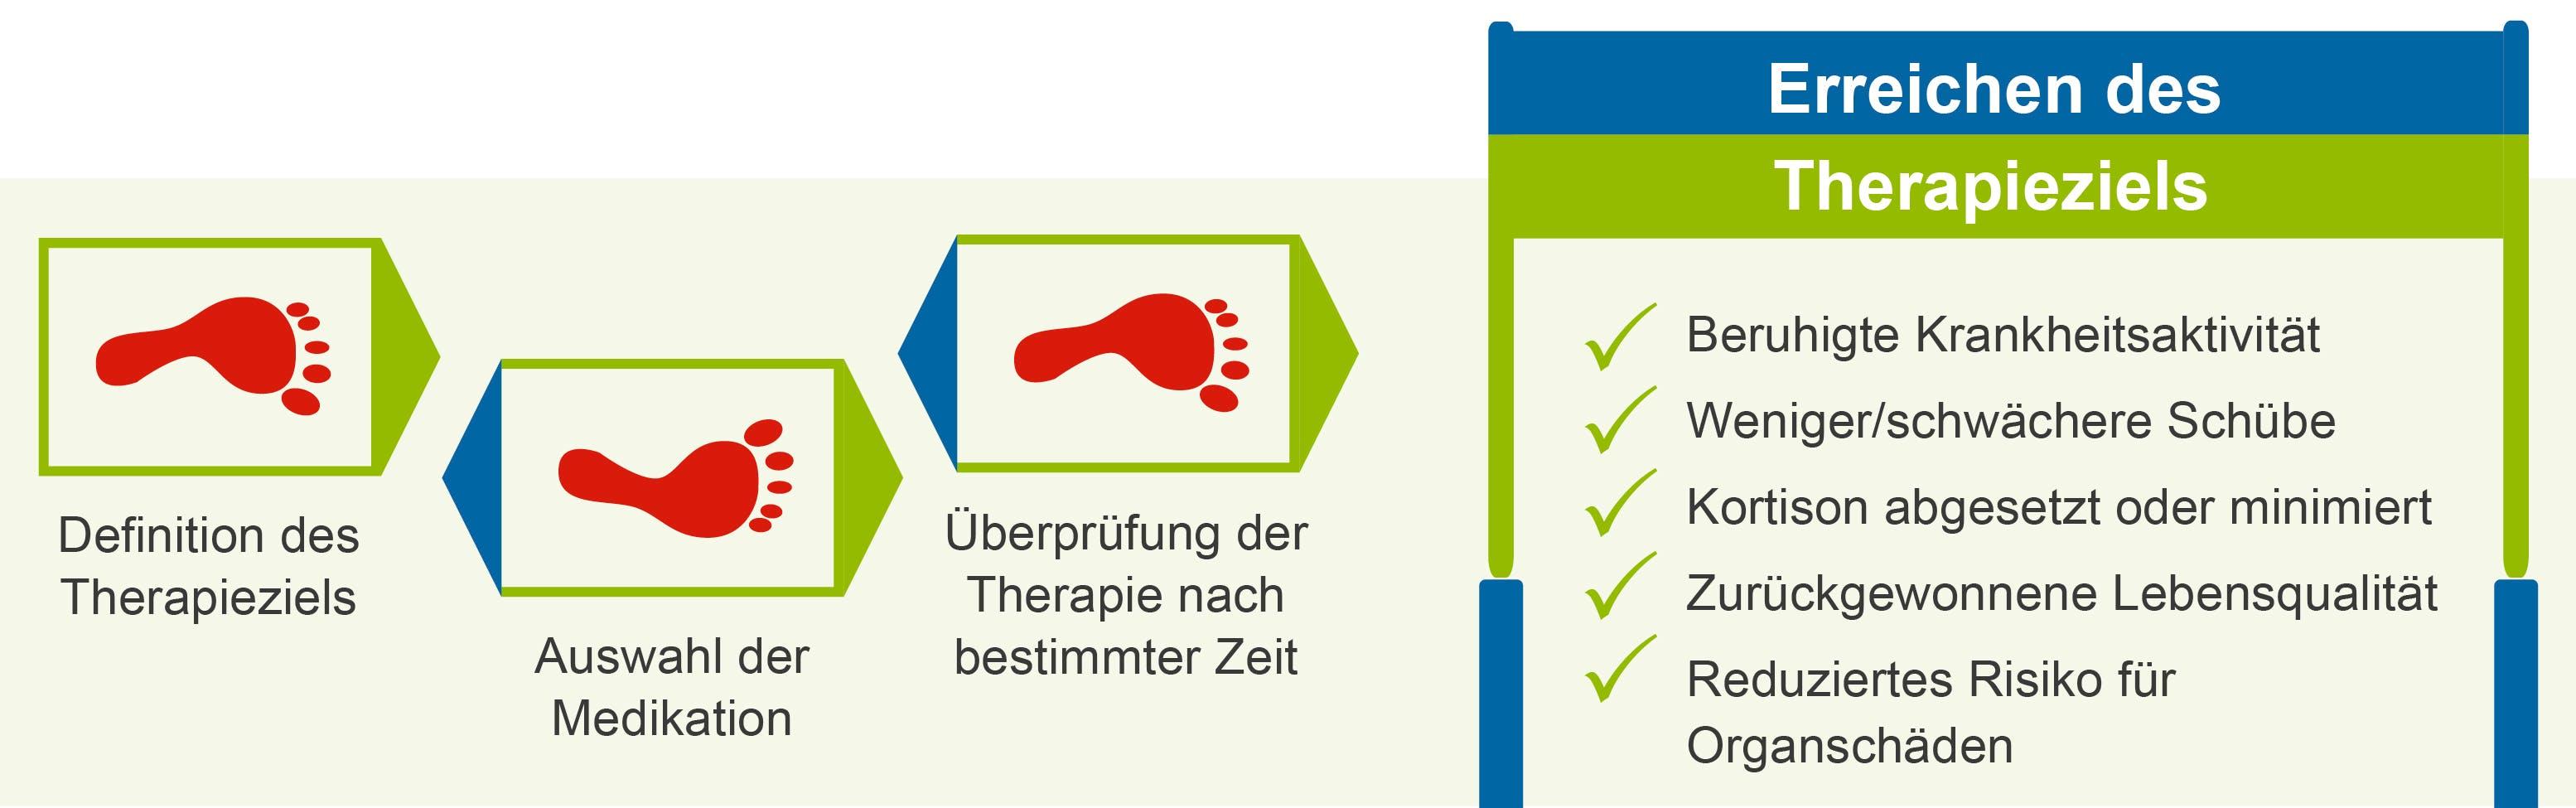 Grafik Lupus erythematodes Therapie